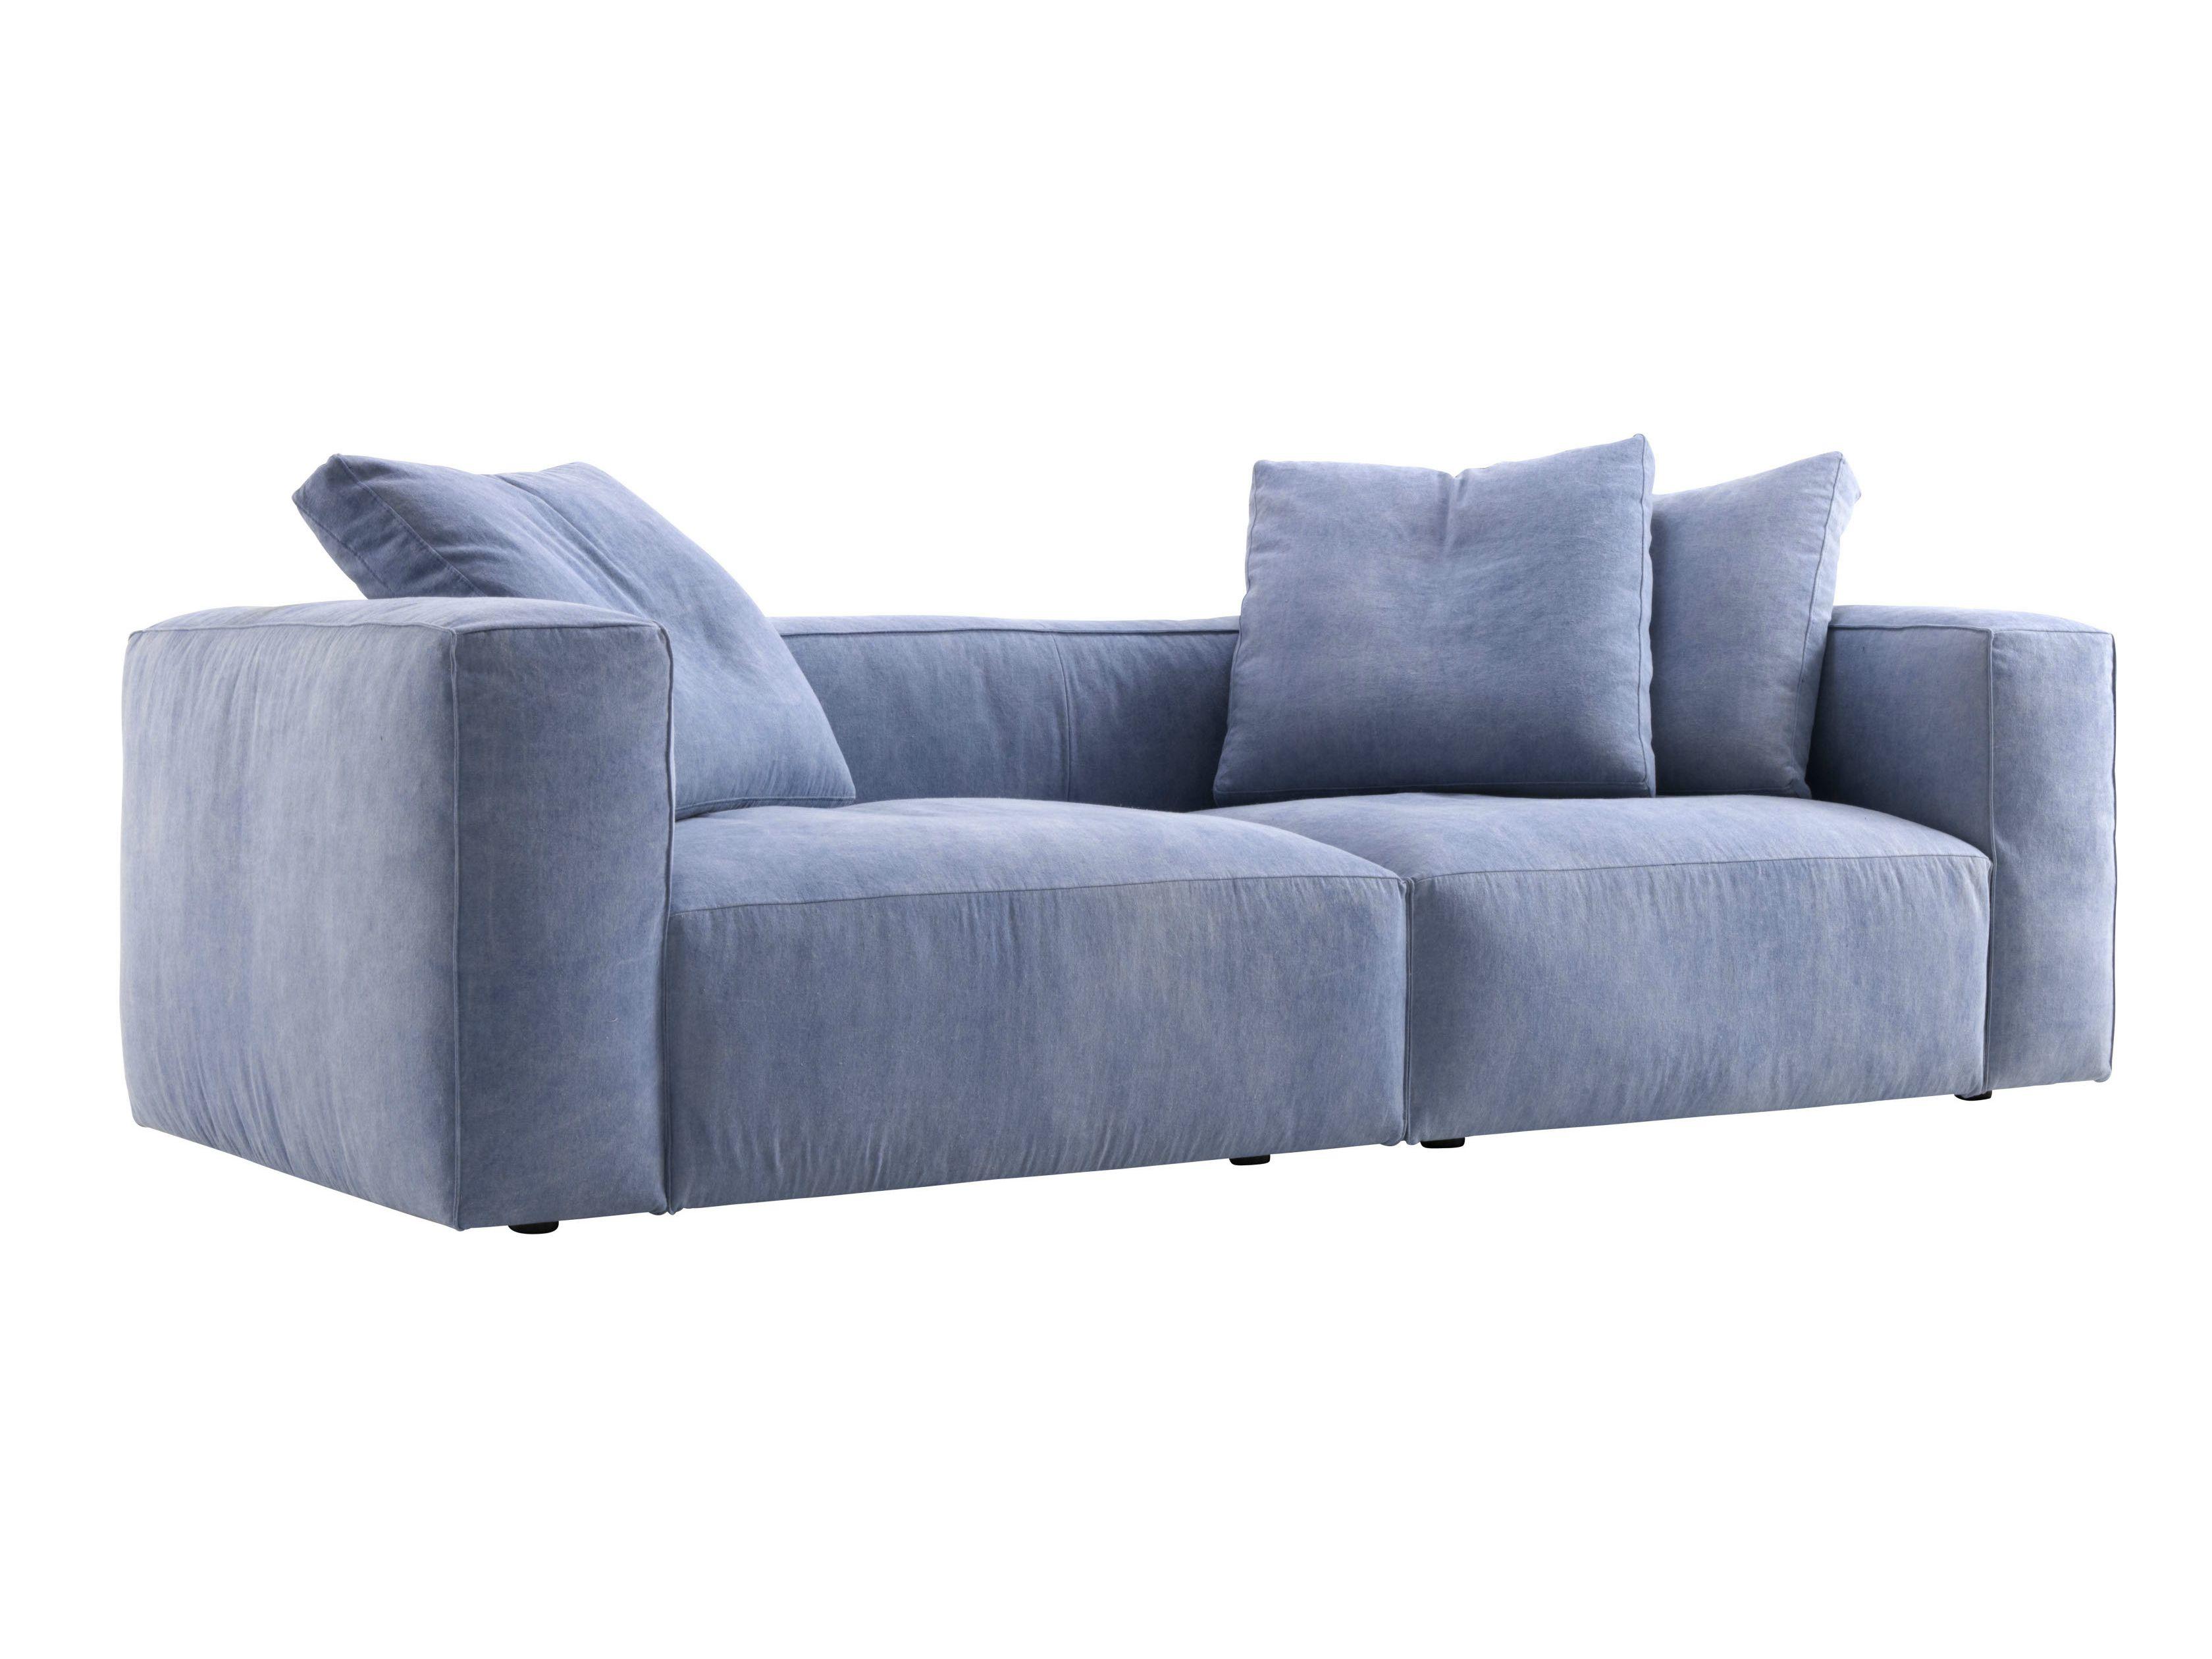 canap ligne roset. Black Bedroom Furniture Sets. Home Design Ideas